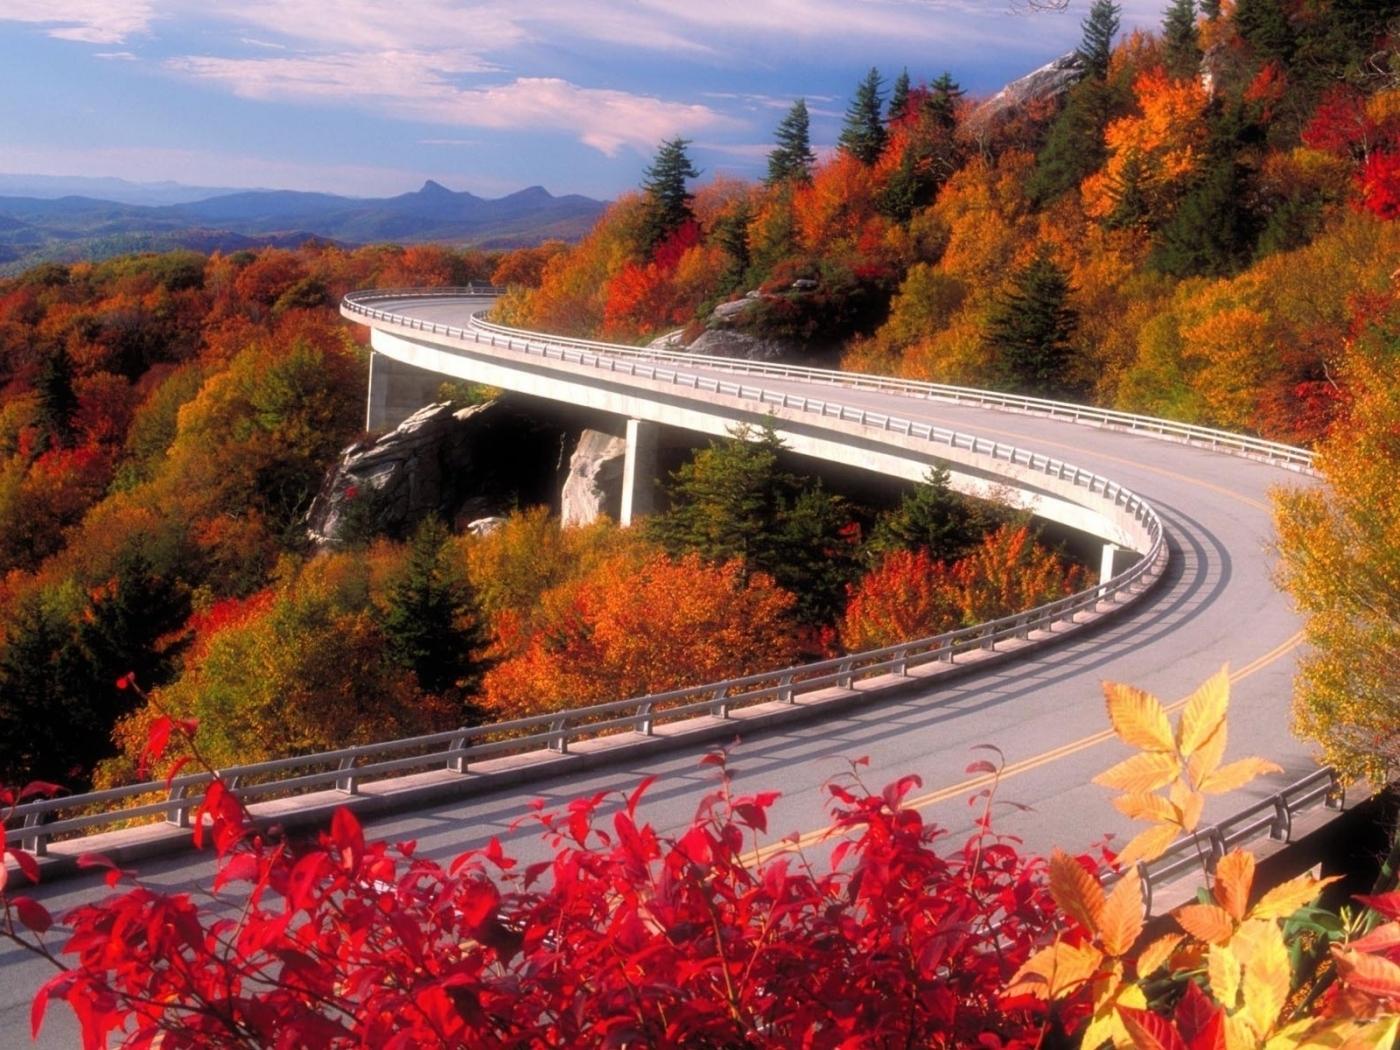 Скачать картинку Осень, Дороги, Пейзаж в телефон бесплатно.